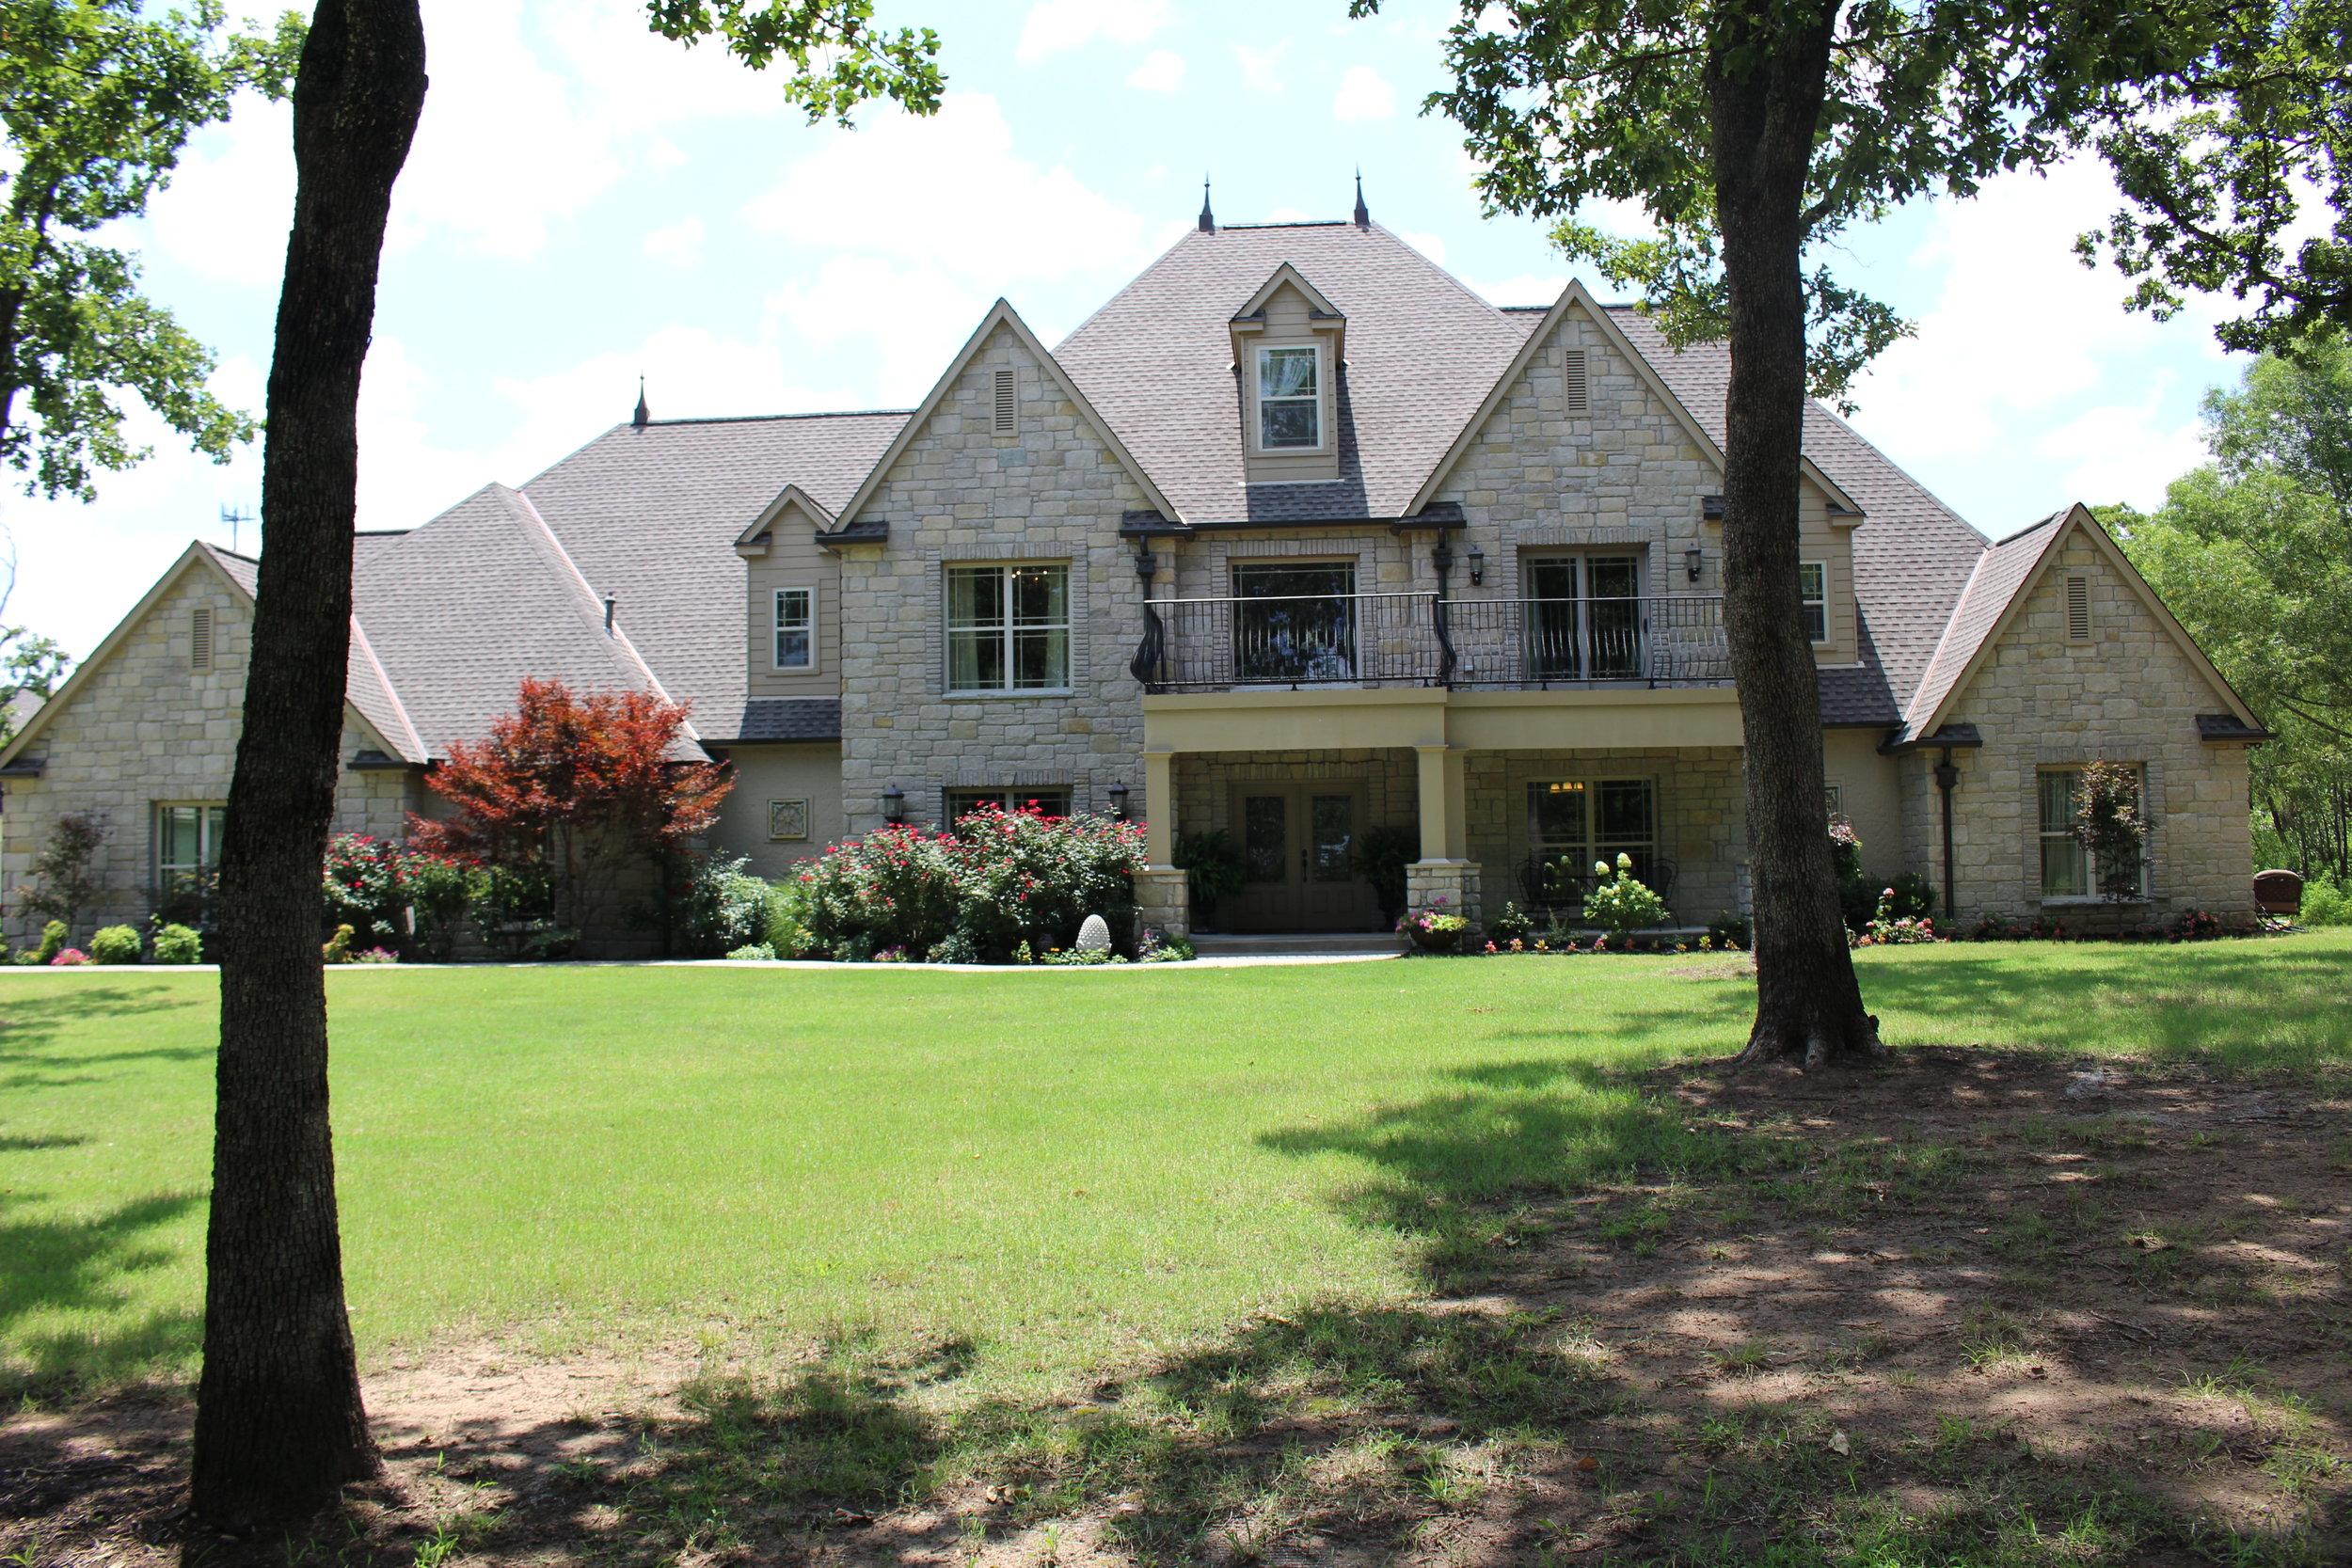 janeway stone castle estate & venue 16162 west 61st street south